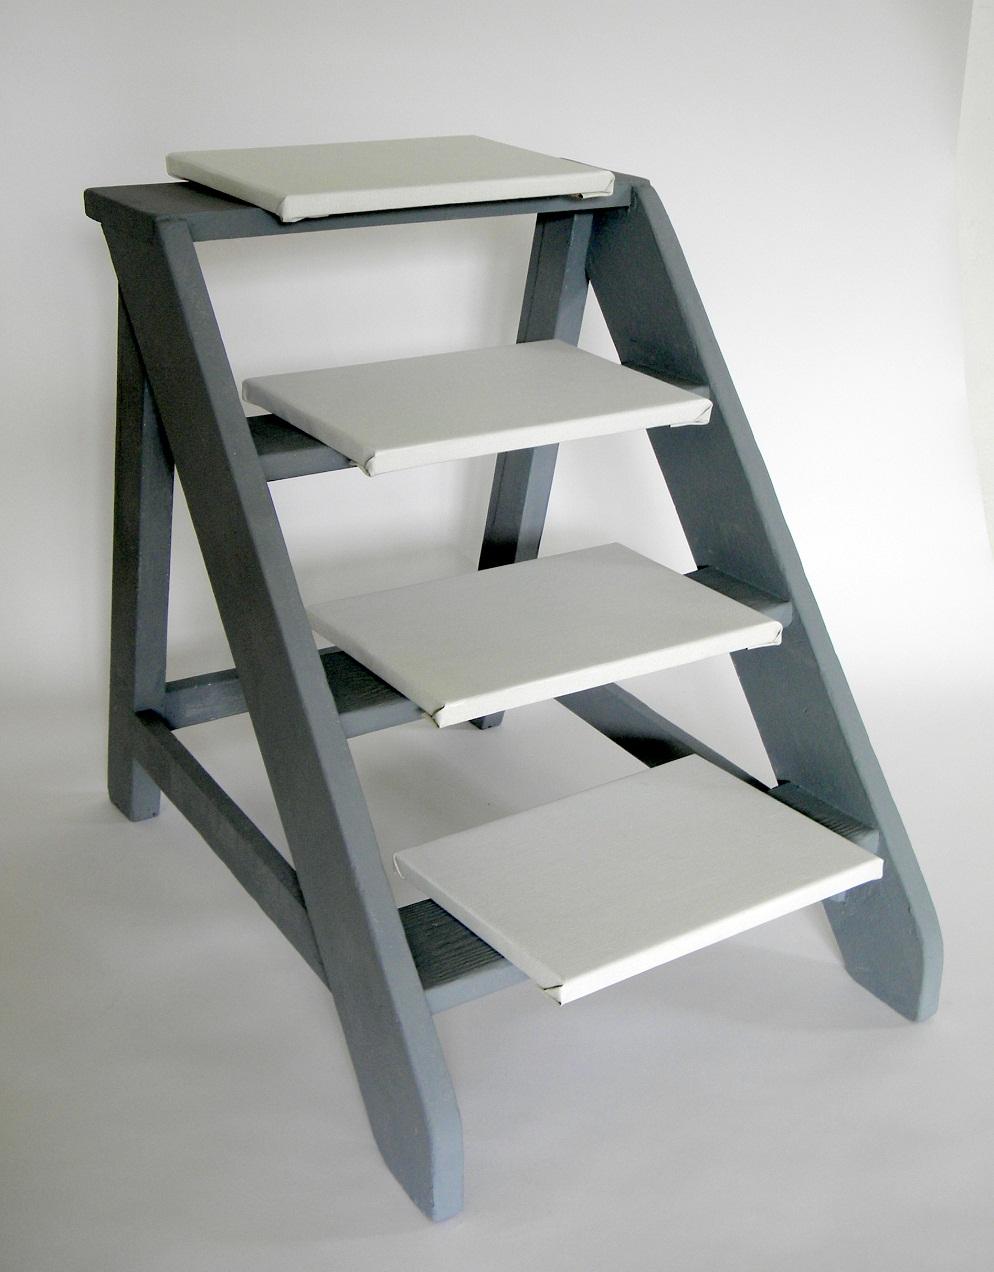 De rug van het moment,75x53x75cm.)acryl,hout,4 panelen, 2012